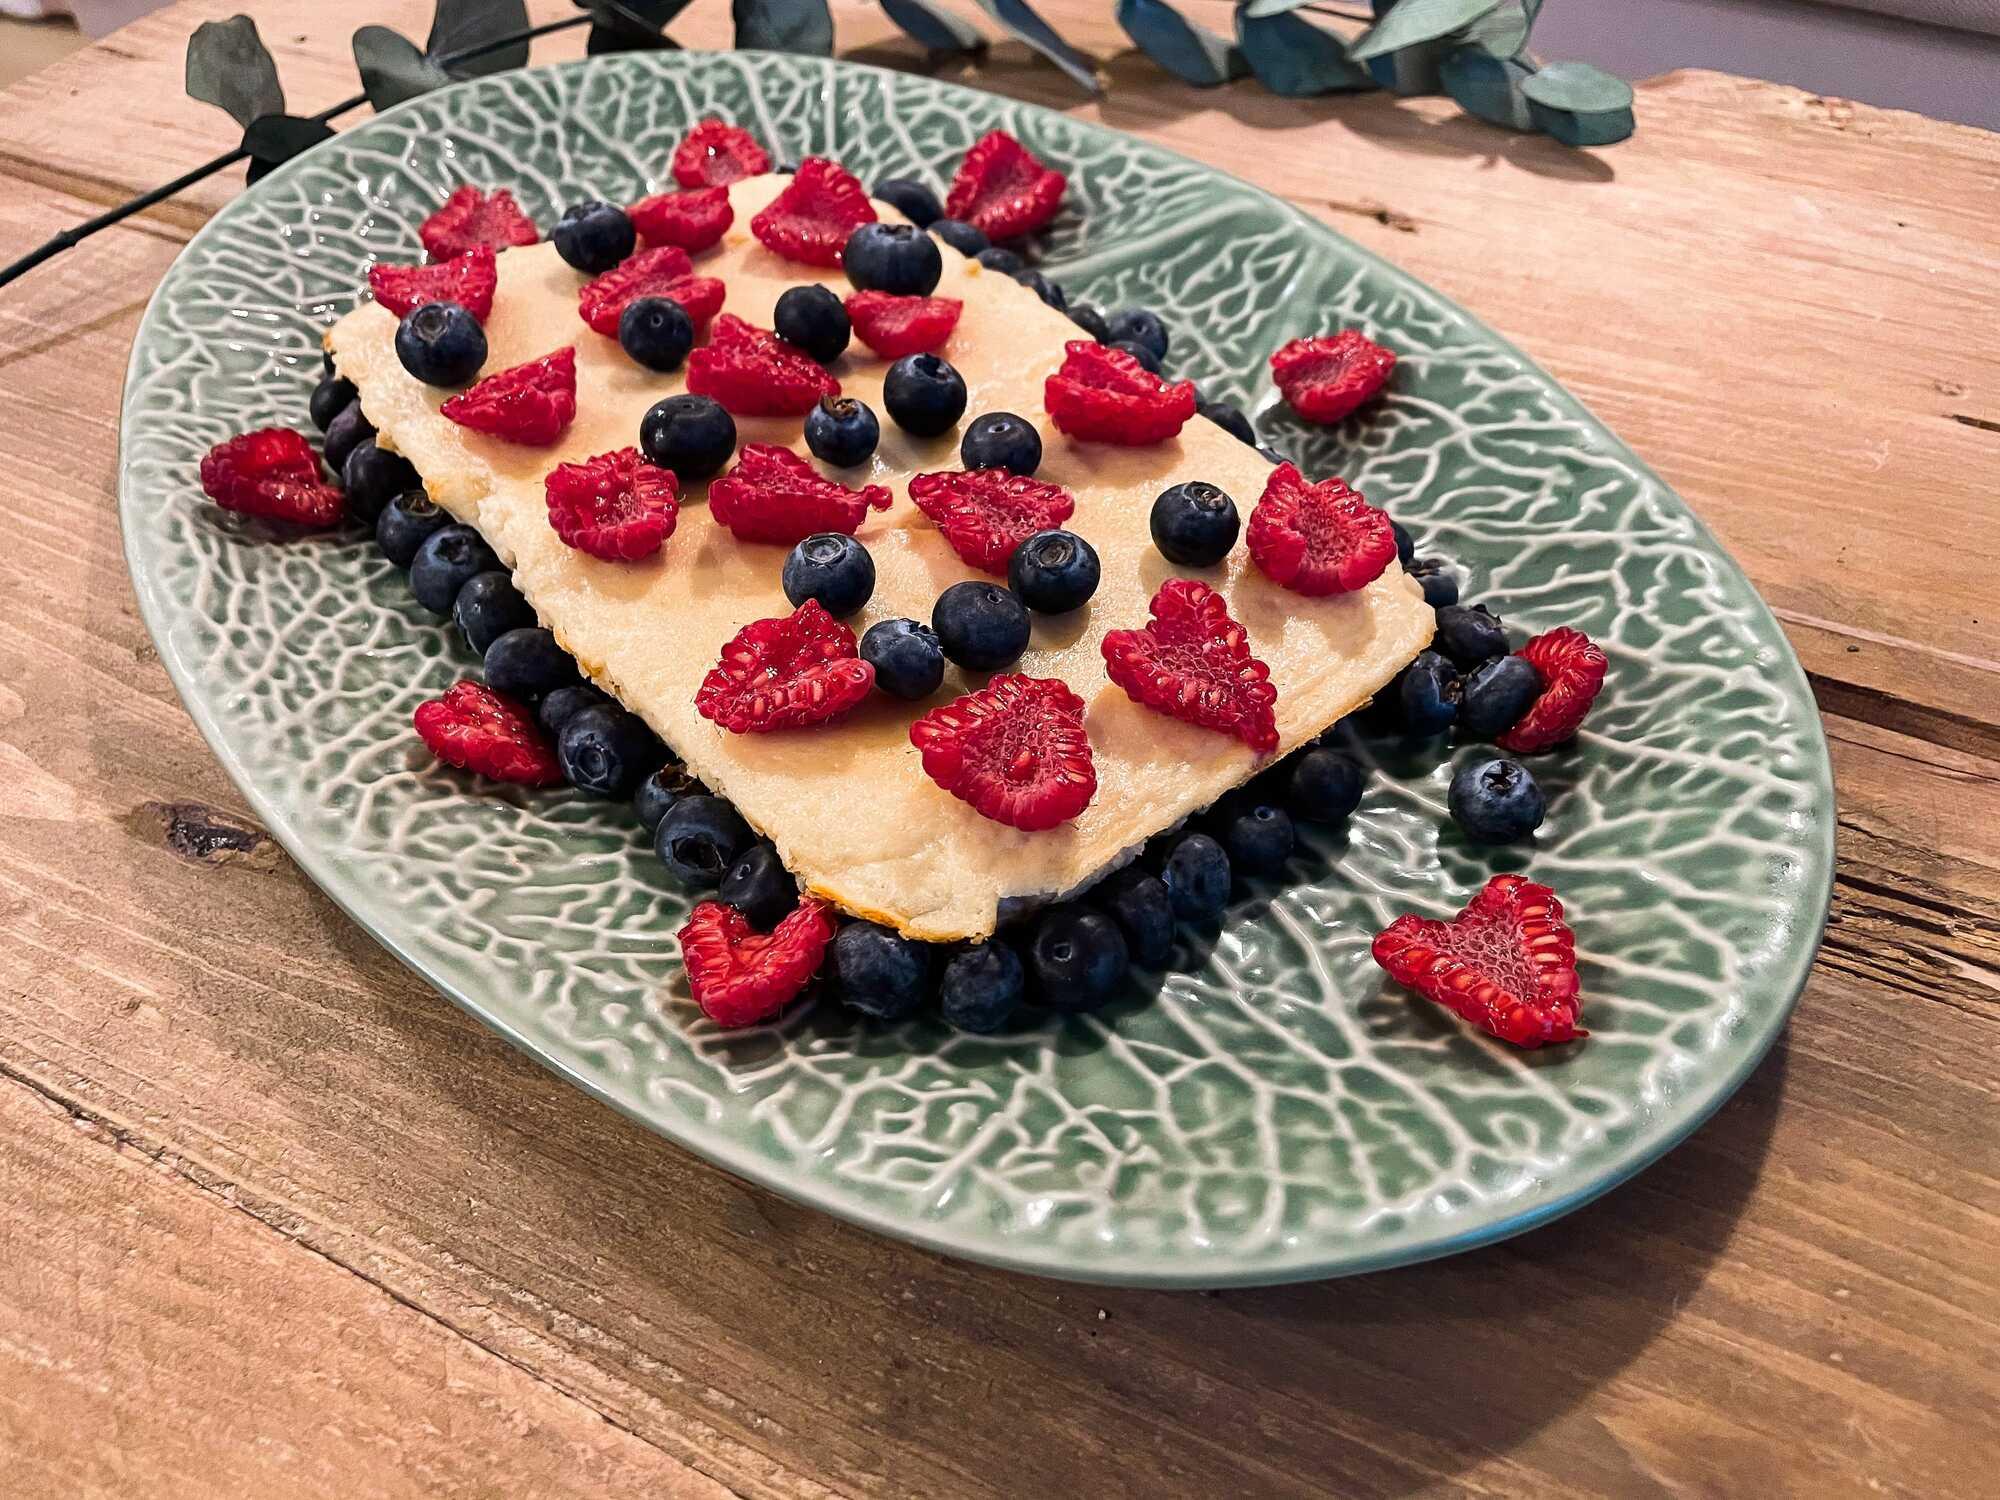 Disposé sur un plat ovale de couleur bleu et blanc, le flanc à la banane est accompagné de demis groseilles et de myrtilles.